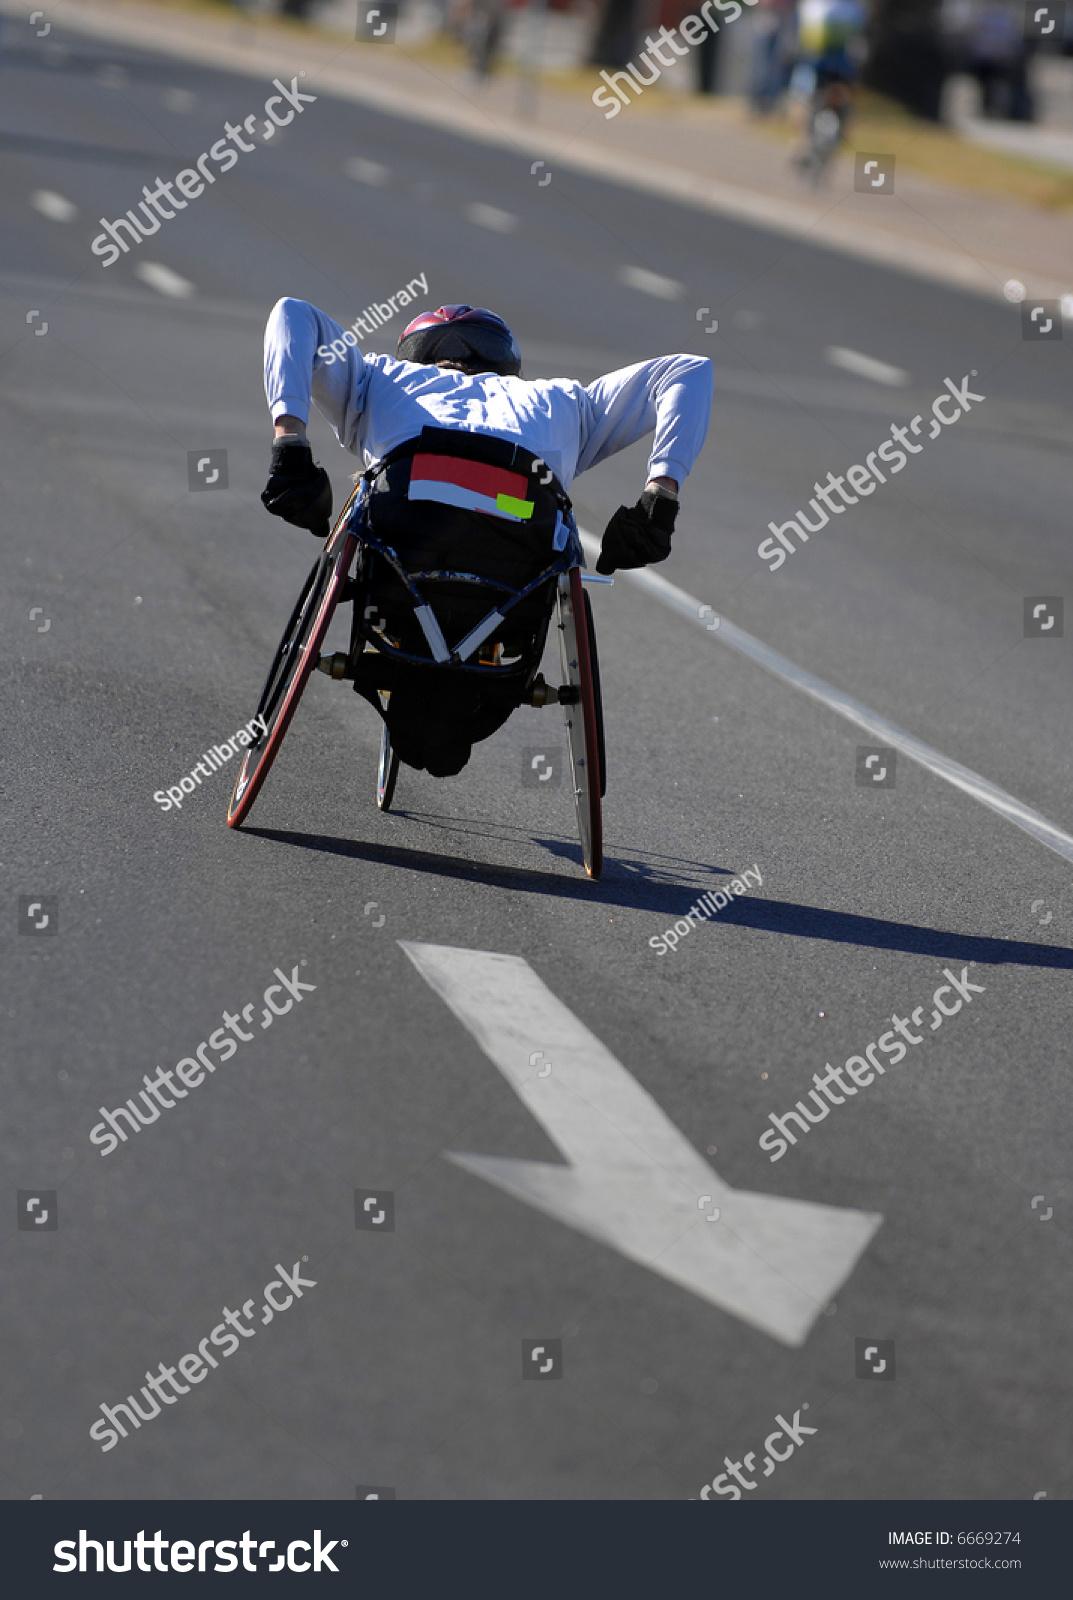 独坐轮椅的运动员